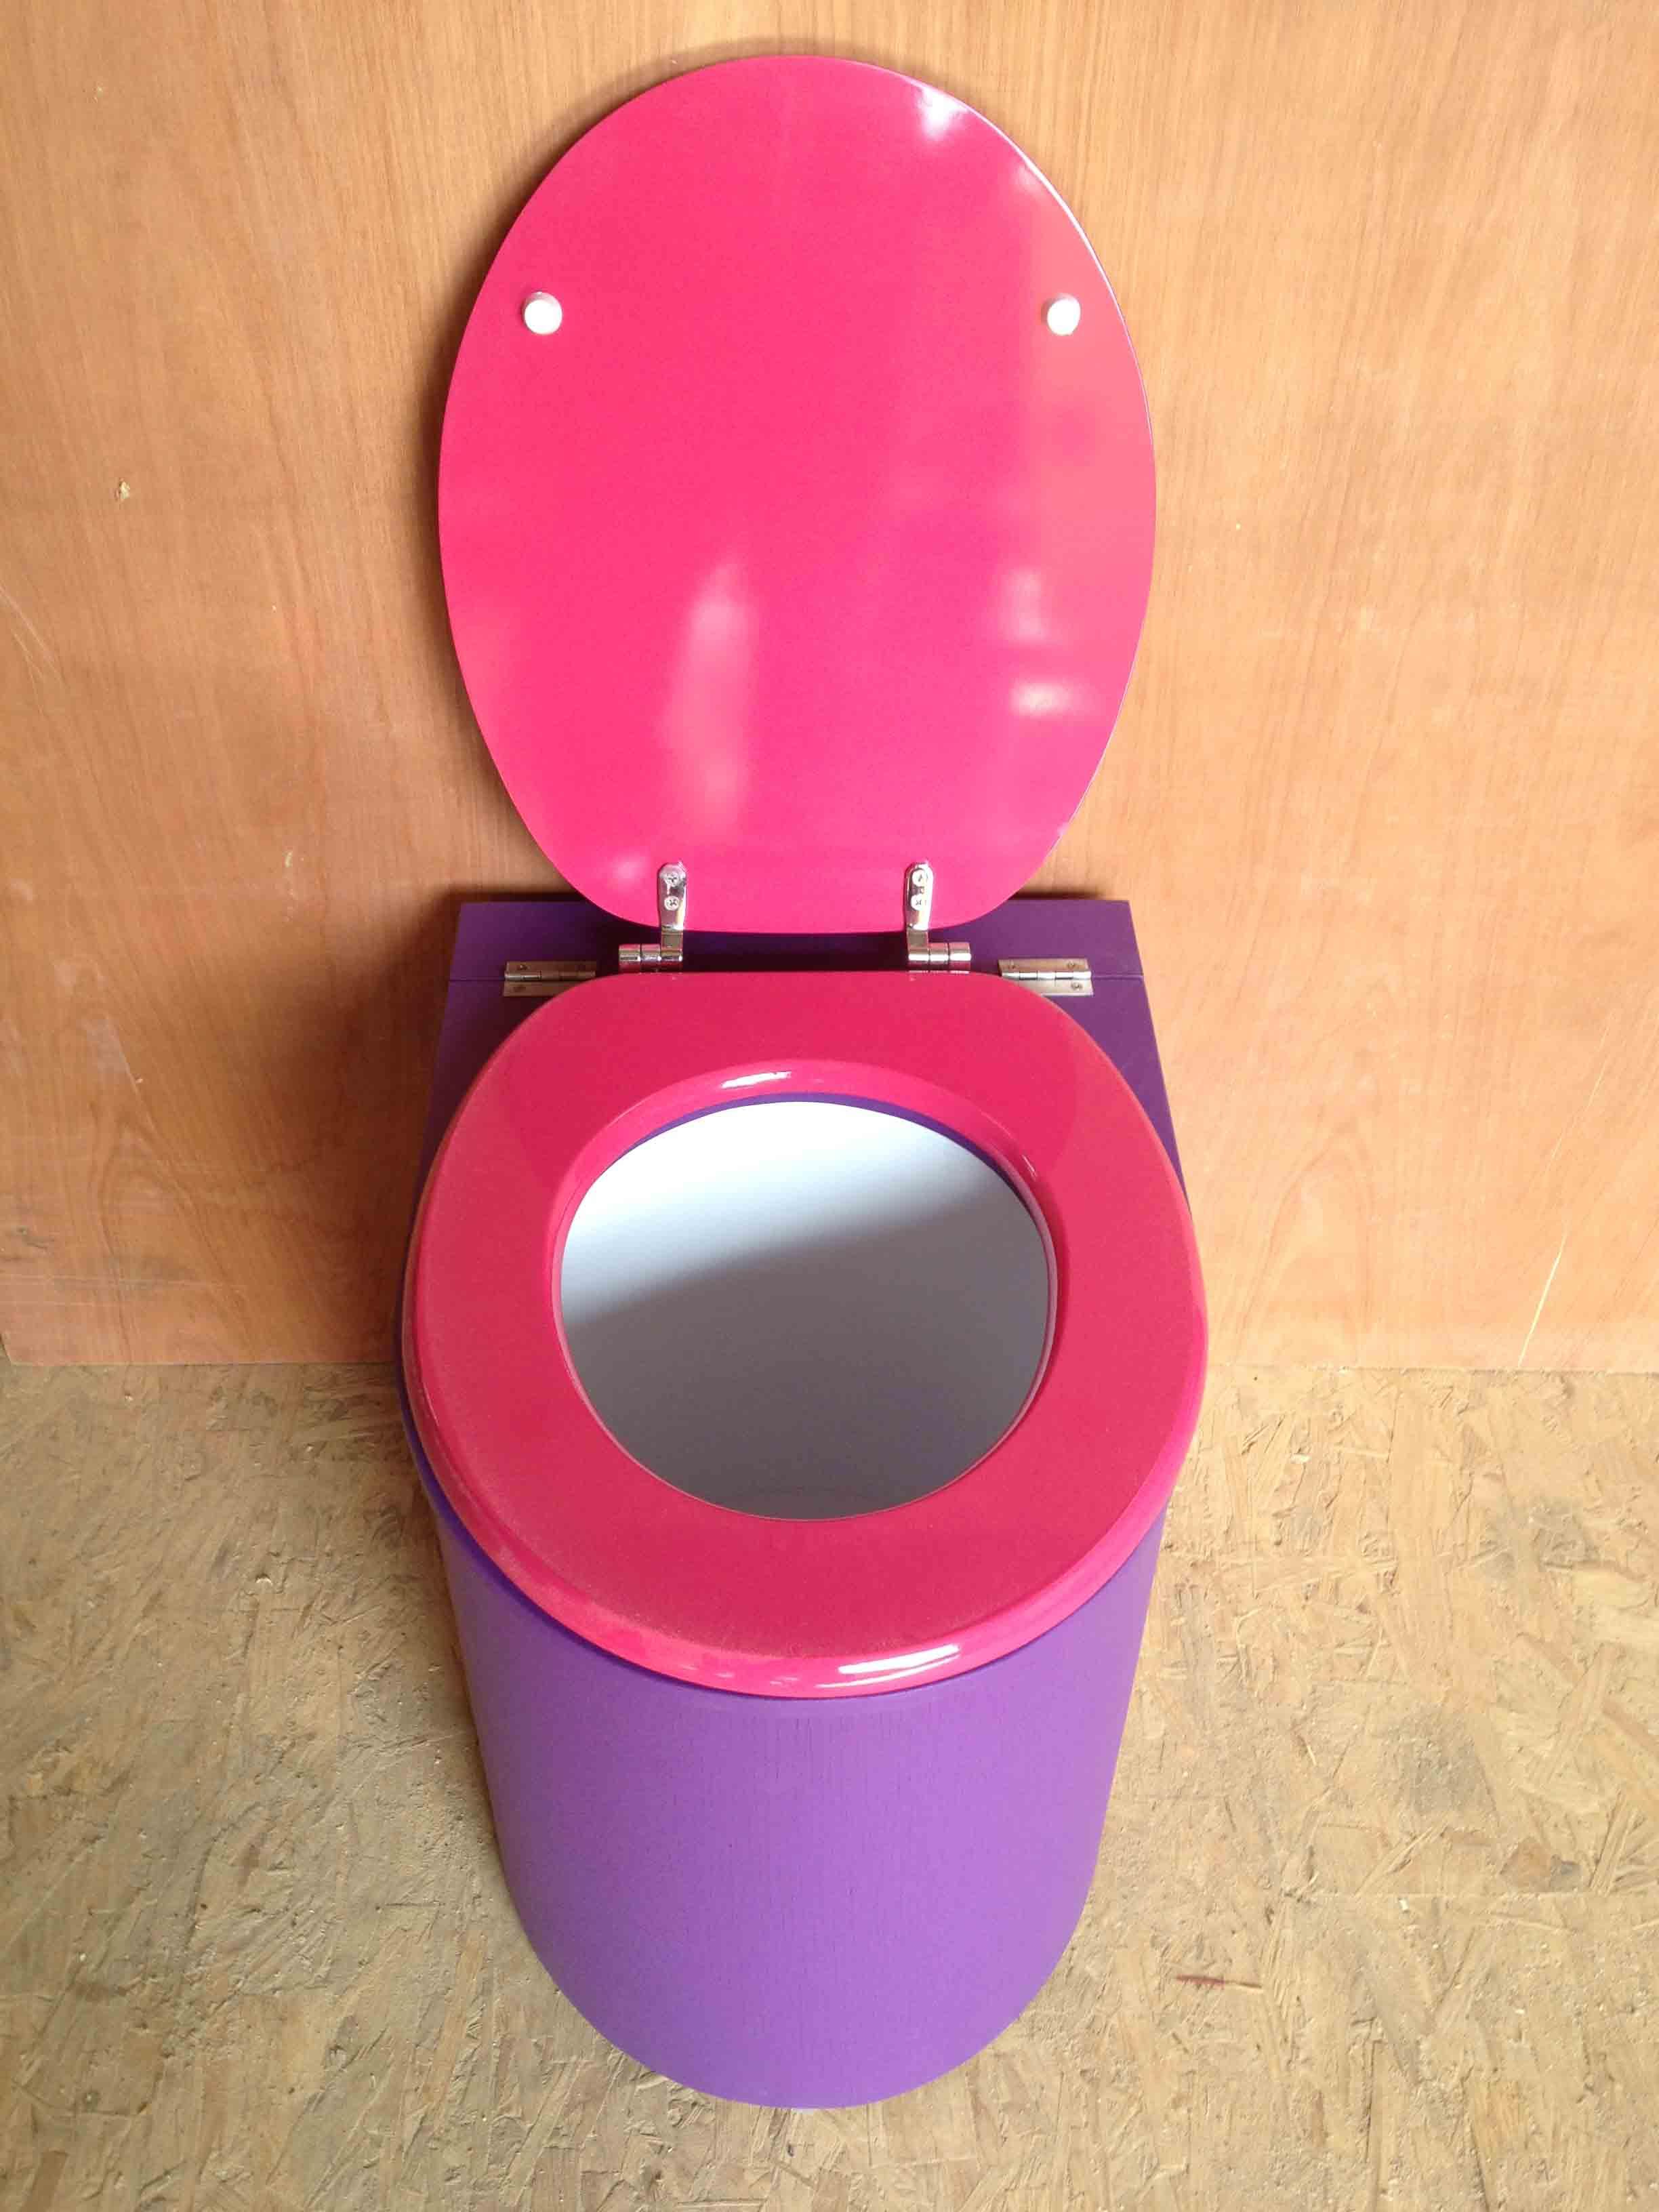 Toilette seche design violet